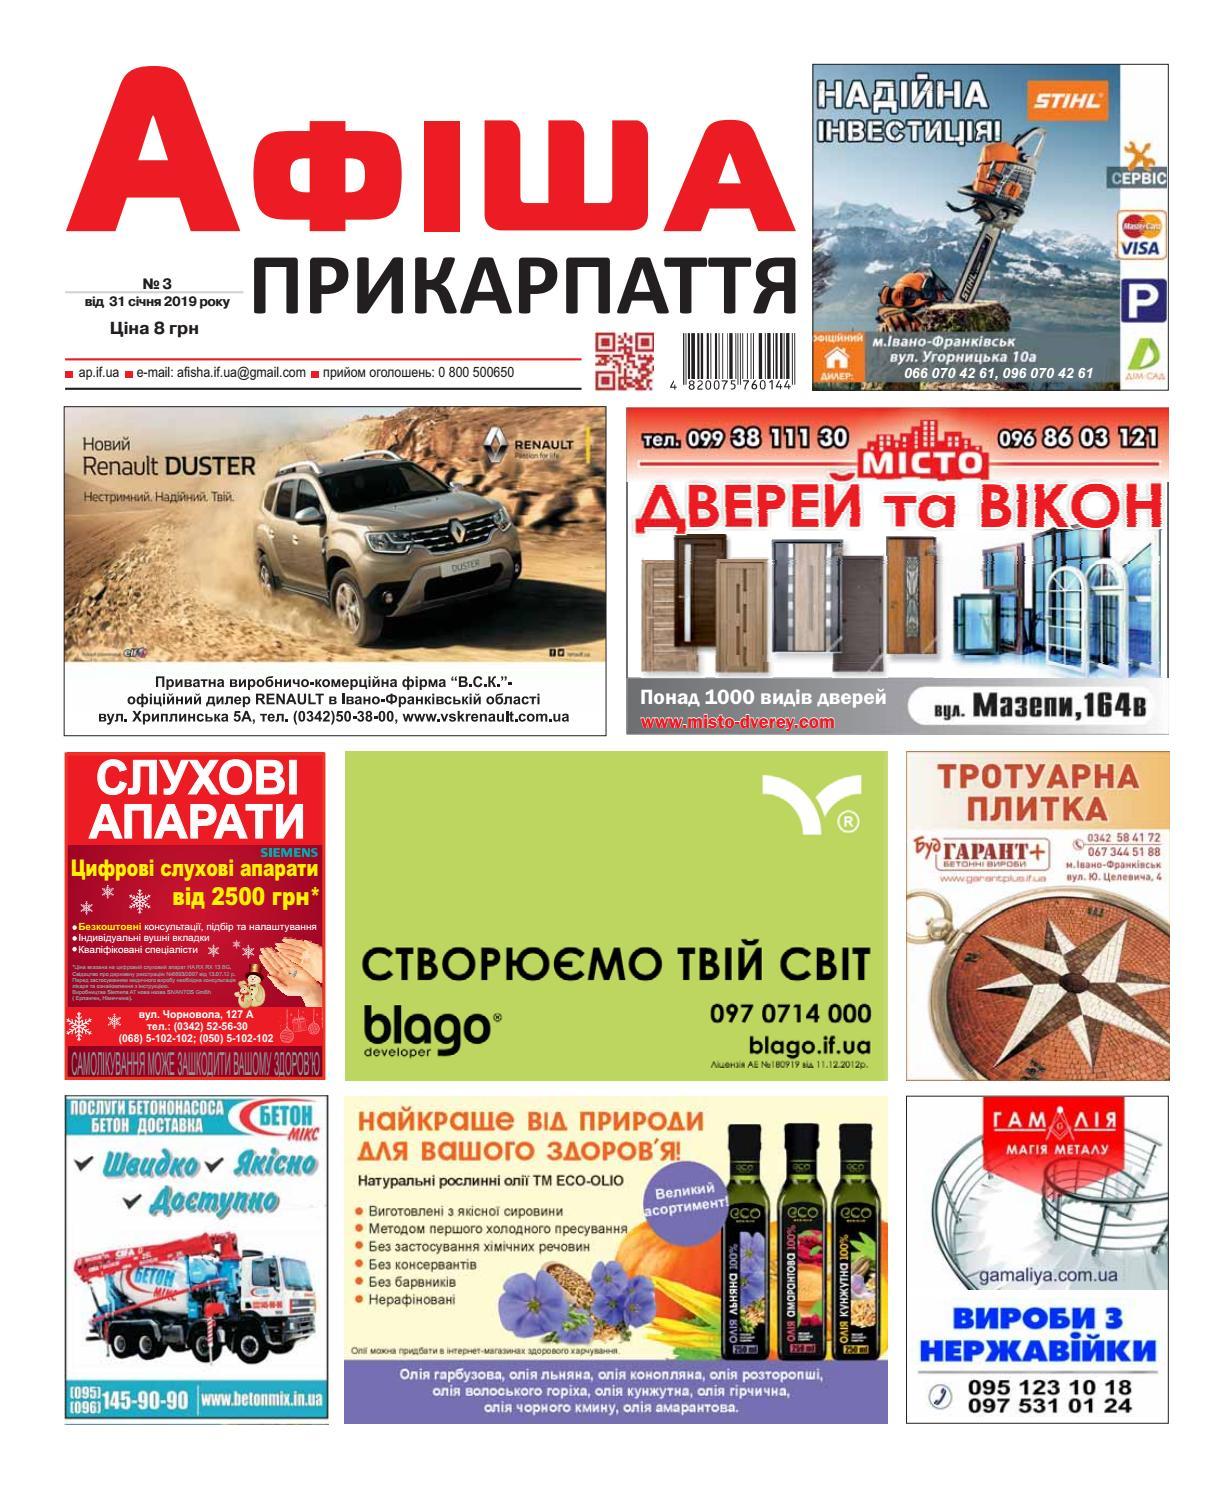 cd19fb1977d72f Афіша Прикарпаття № 3 by Olya Olya - issuu